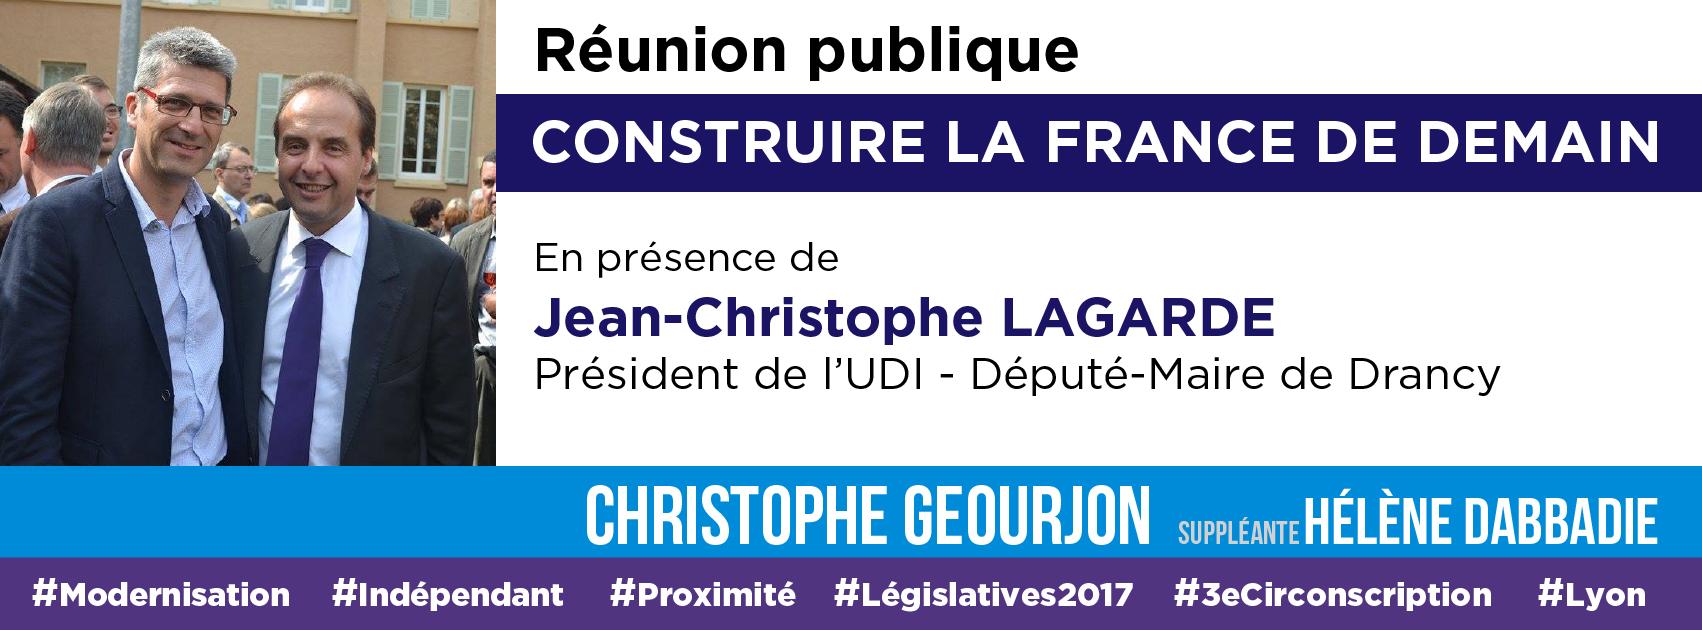 FB-Réunion-Construire-la-France-de-demain--EVENT